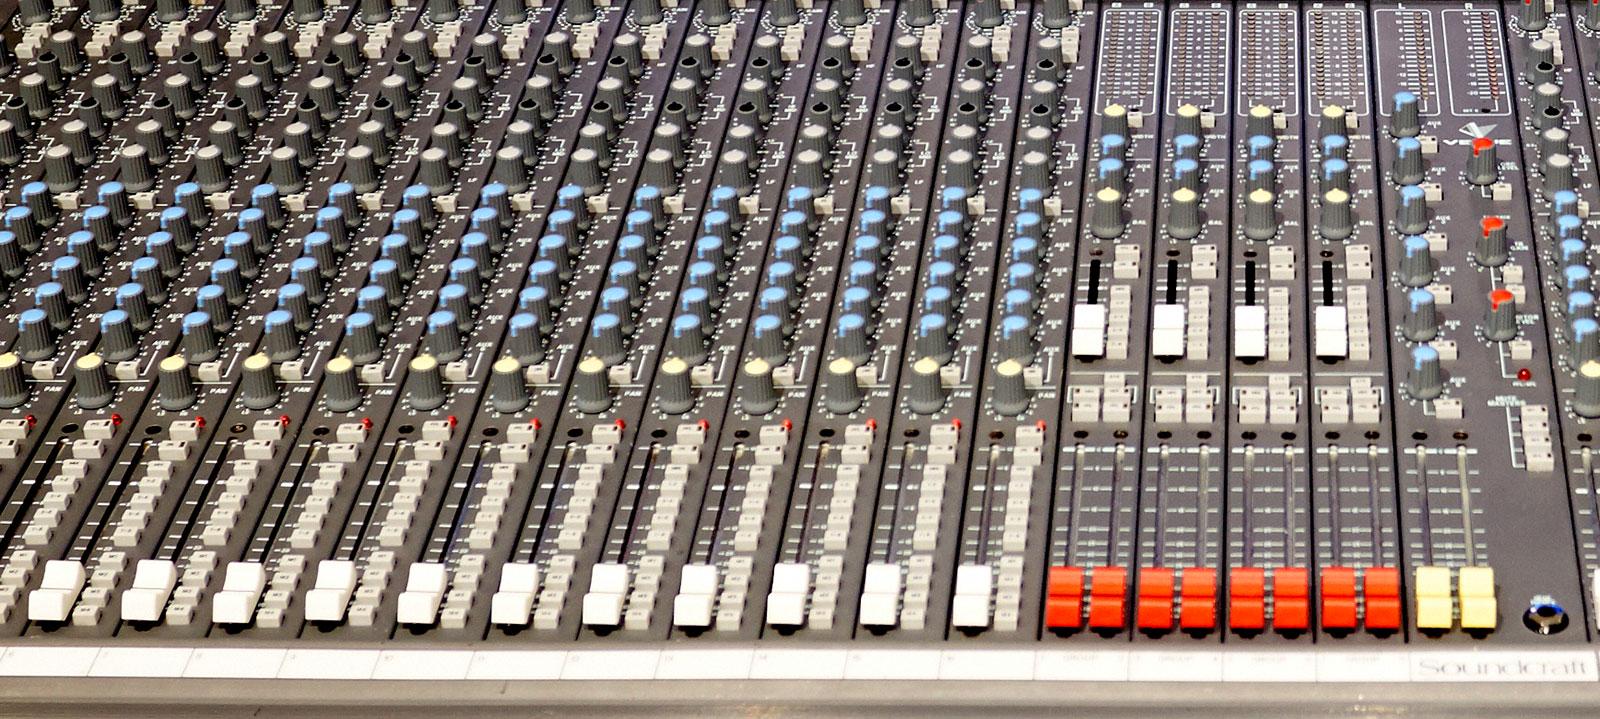 Plus Minus Recording Equipment